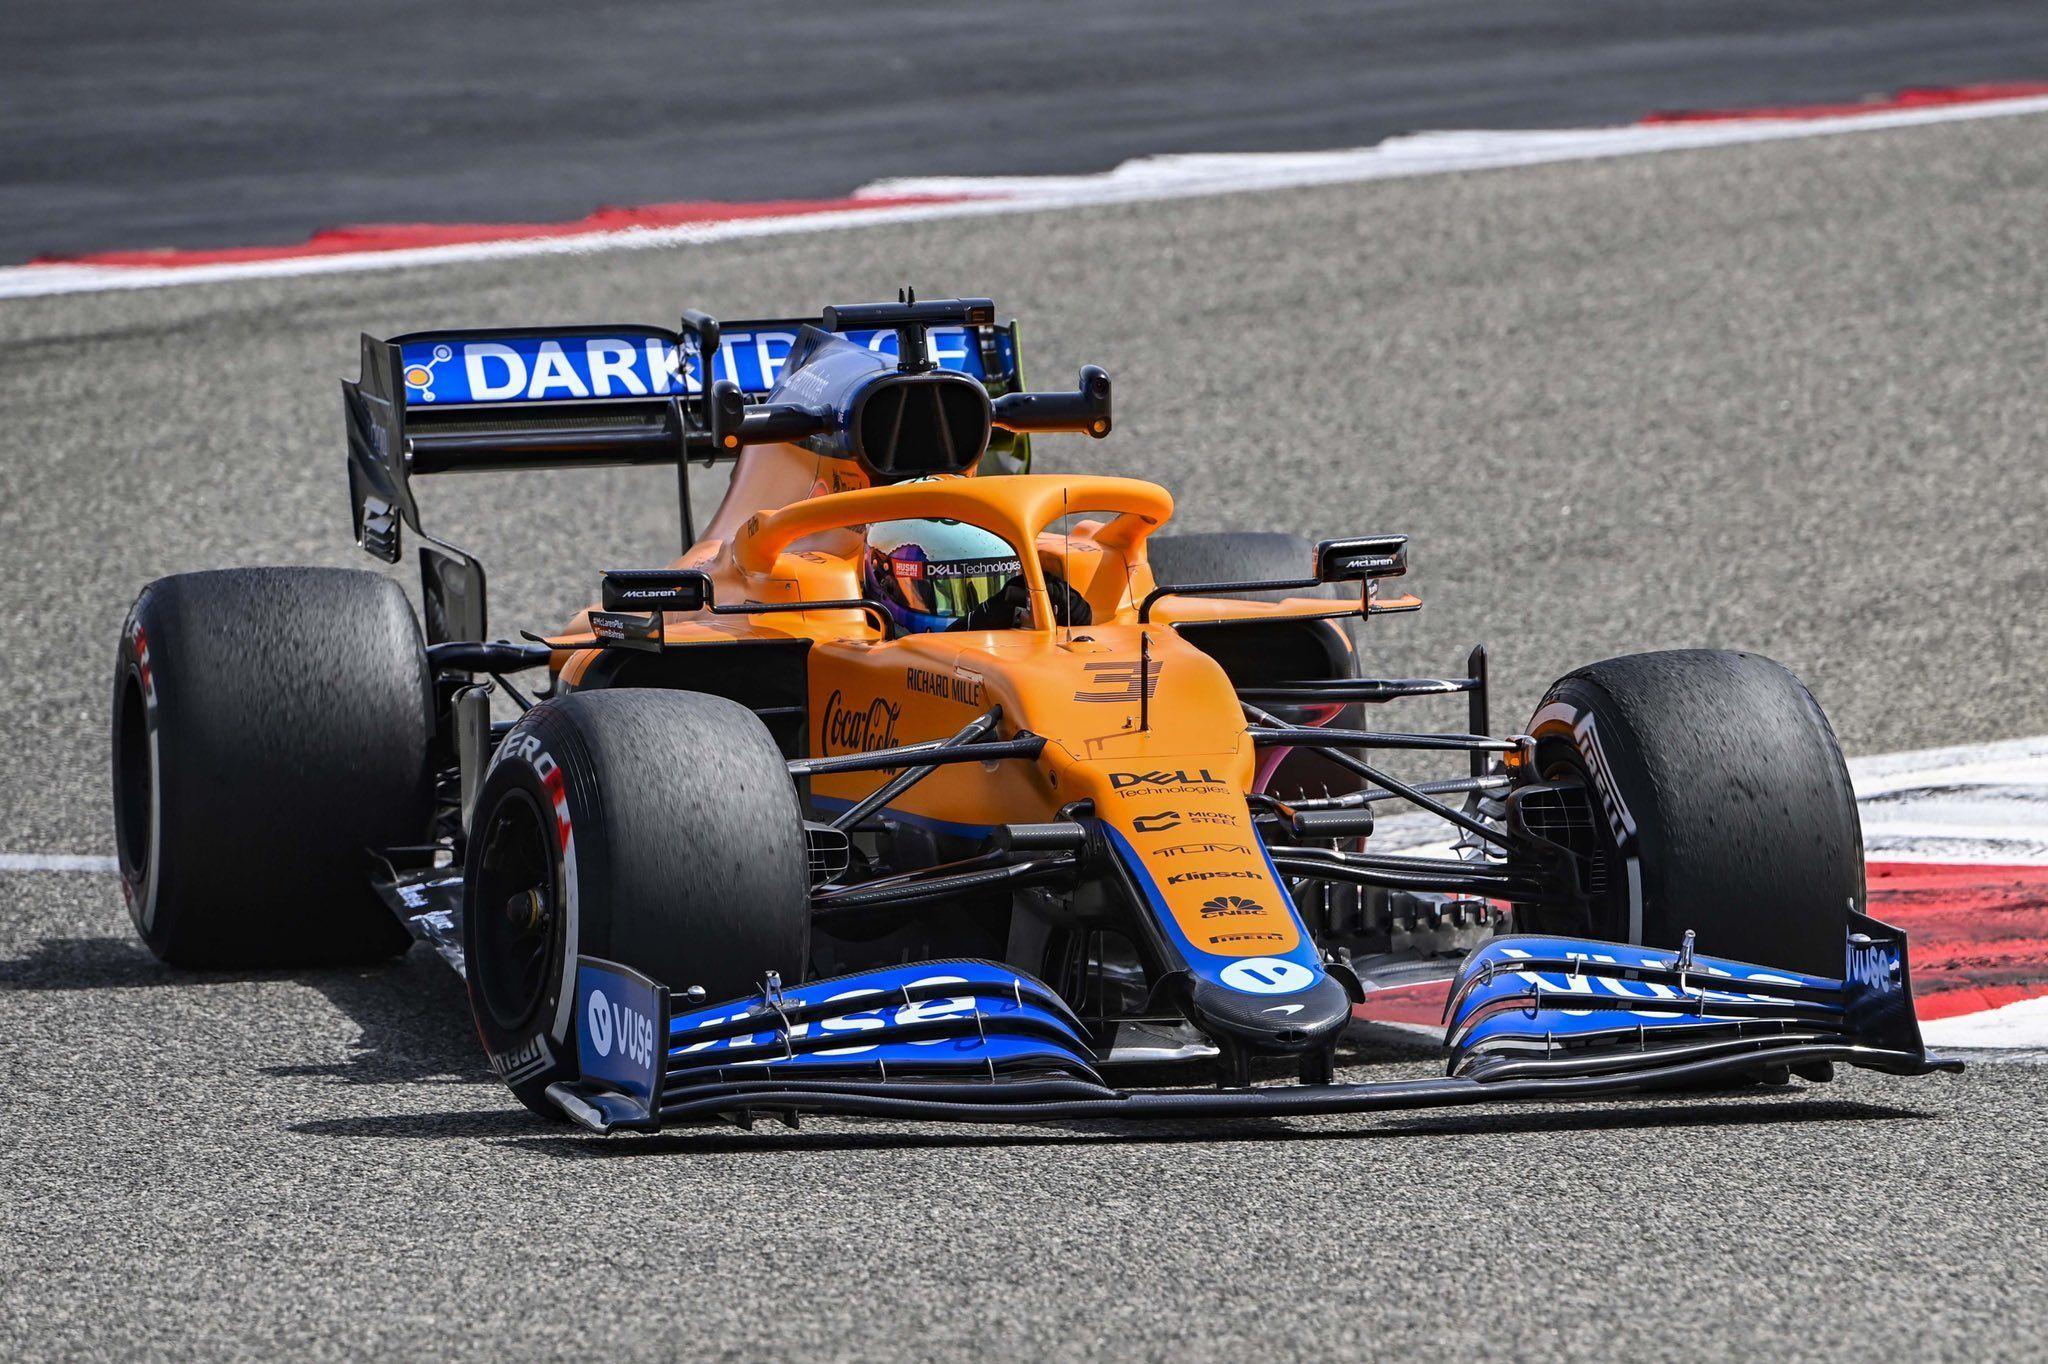 Daniel Ricciardo, McLaren, F1